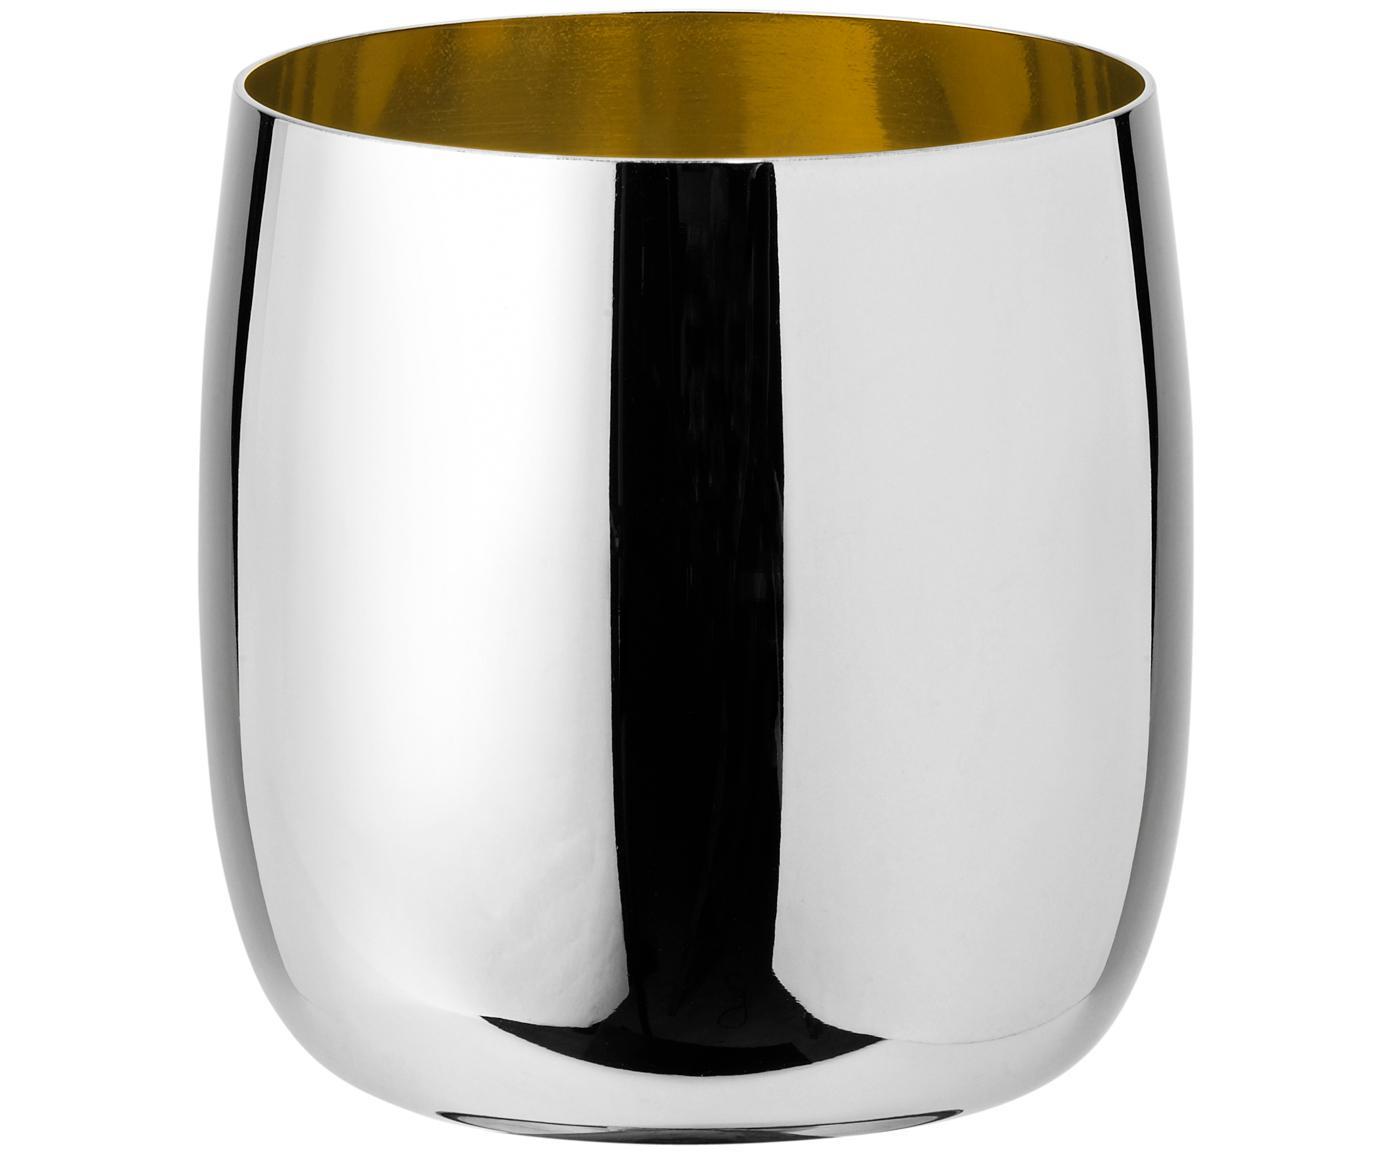 Design Weinbecher Foster in Silber/Gold, Außen: Edelstahl, spiegelpoliert, Innen: Edelstahl mit goldfarbene, Außen: Edelstahl, hochglänzendInnen: Goldfarben, 200 ml